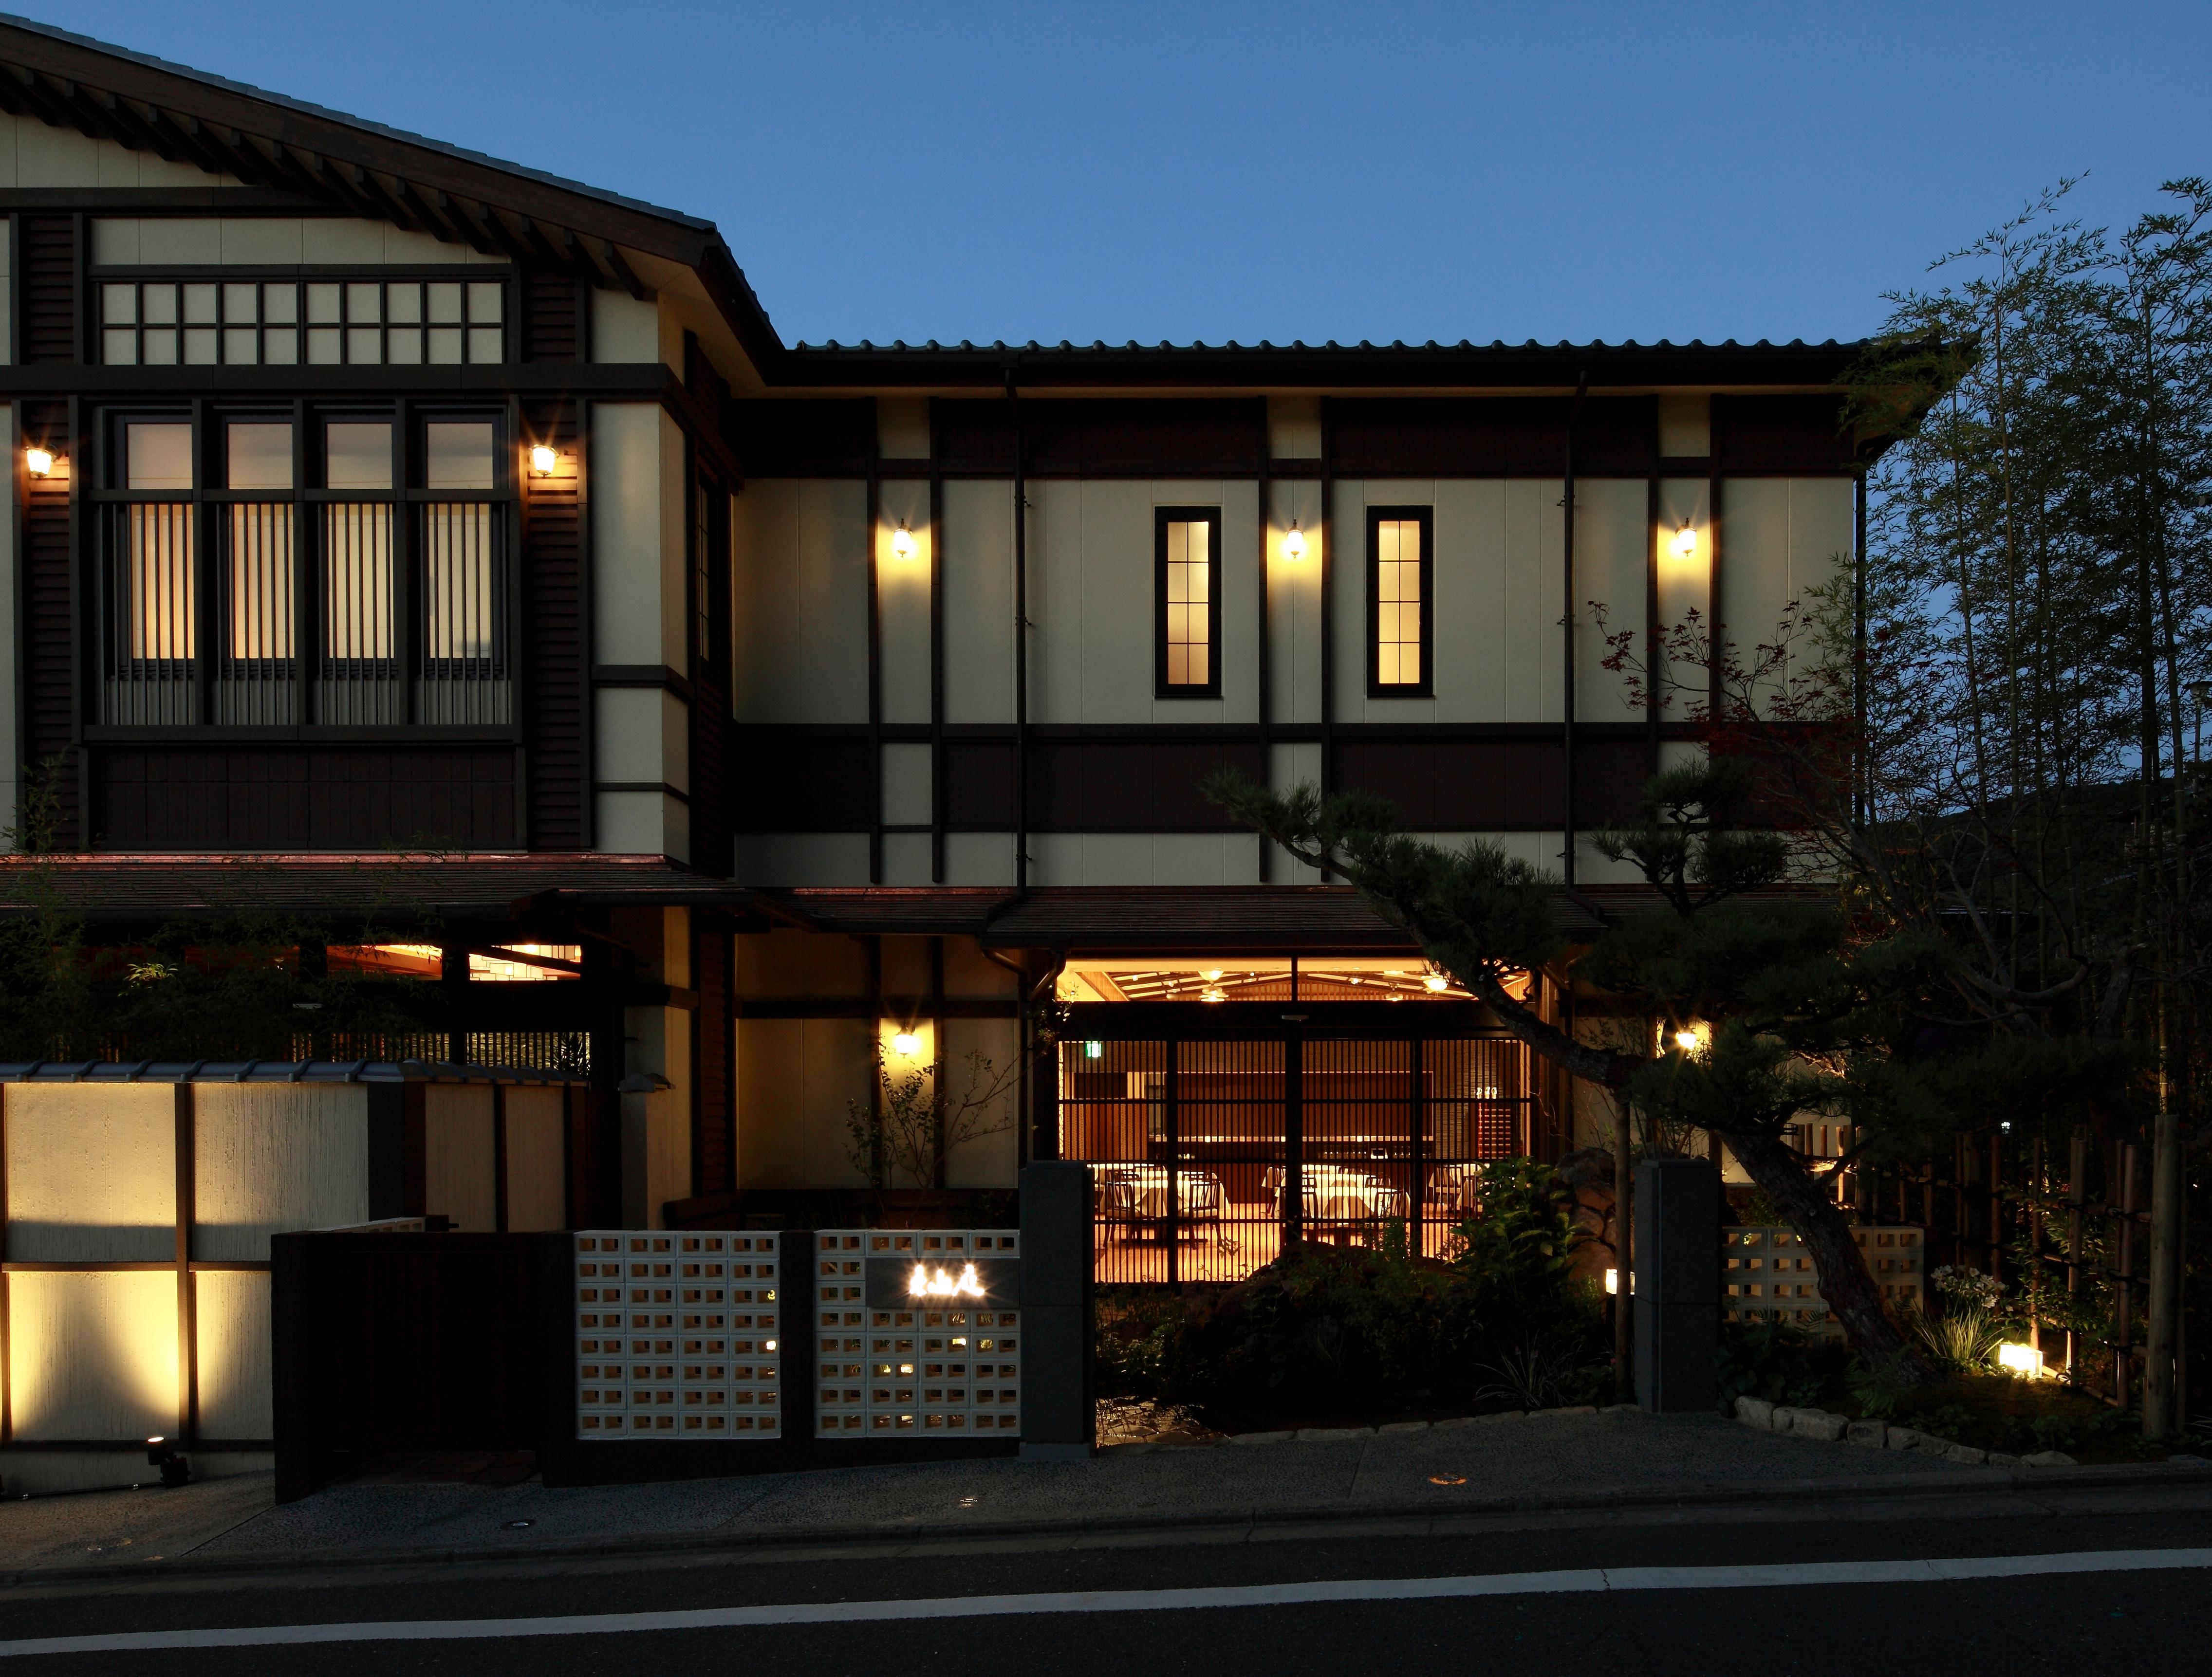 12 レストラン1入口アプローチ(夜景)